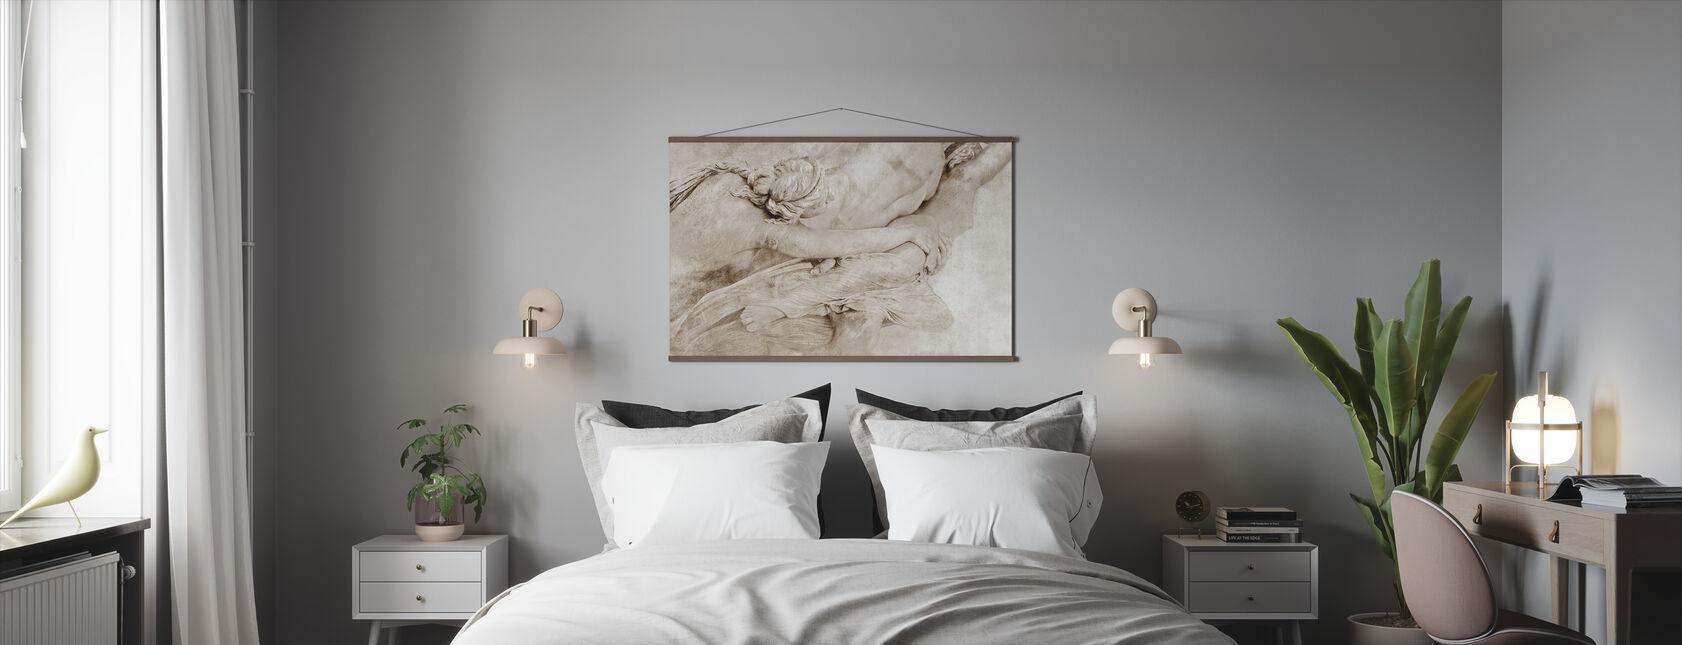 Van het beeldhouwwerk - Sepia - Poster - Slaapkamer